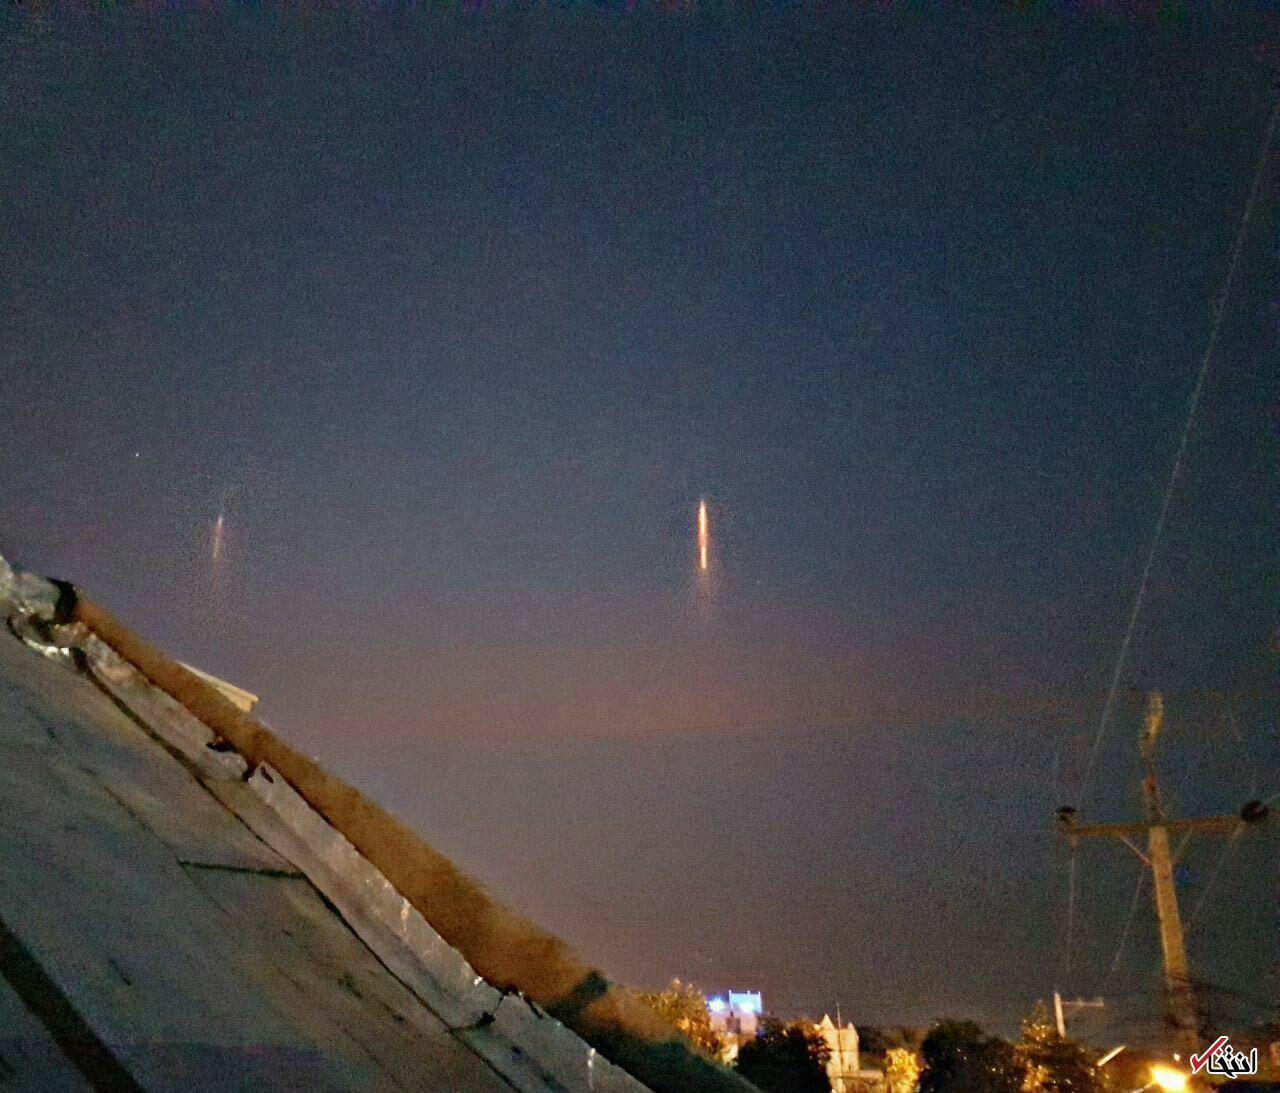 نور عجیب در آسمان شوشتر ، مسجد سلیمان ، گتوند و لالی 30 آذر 96